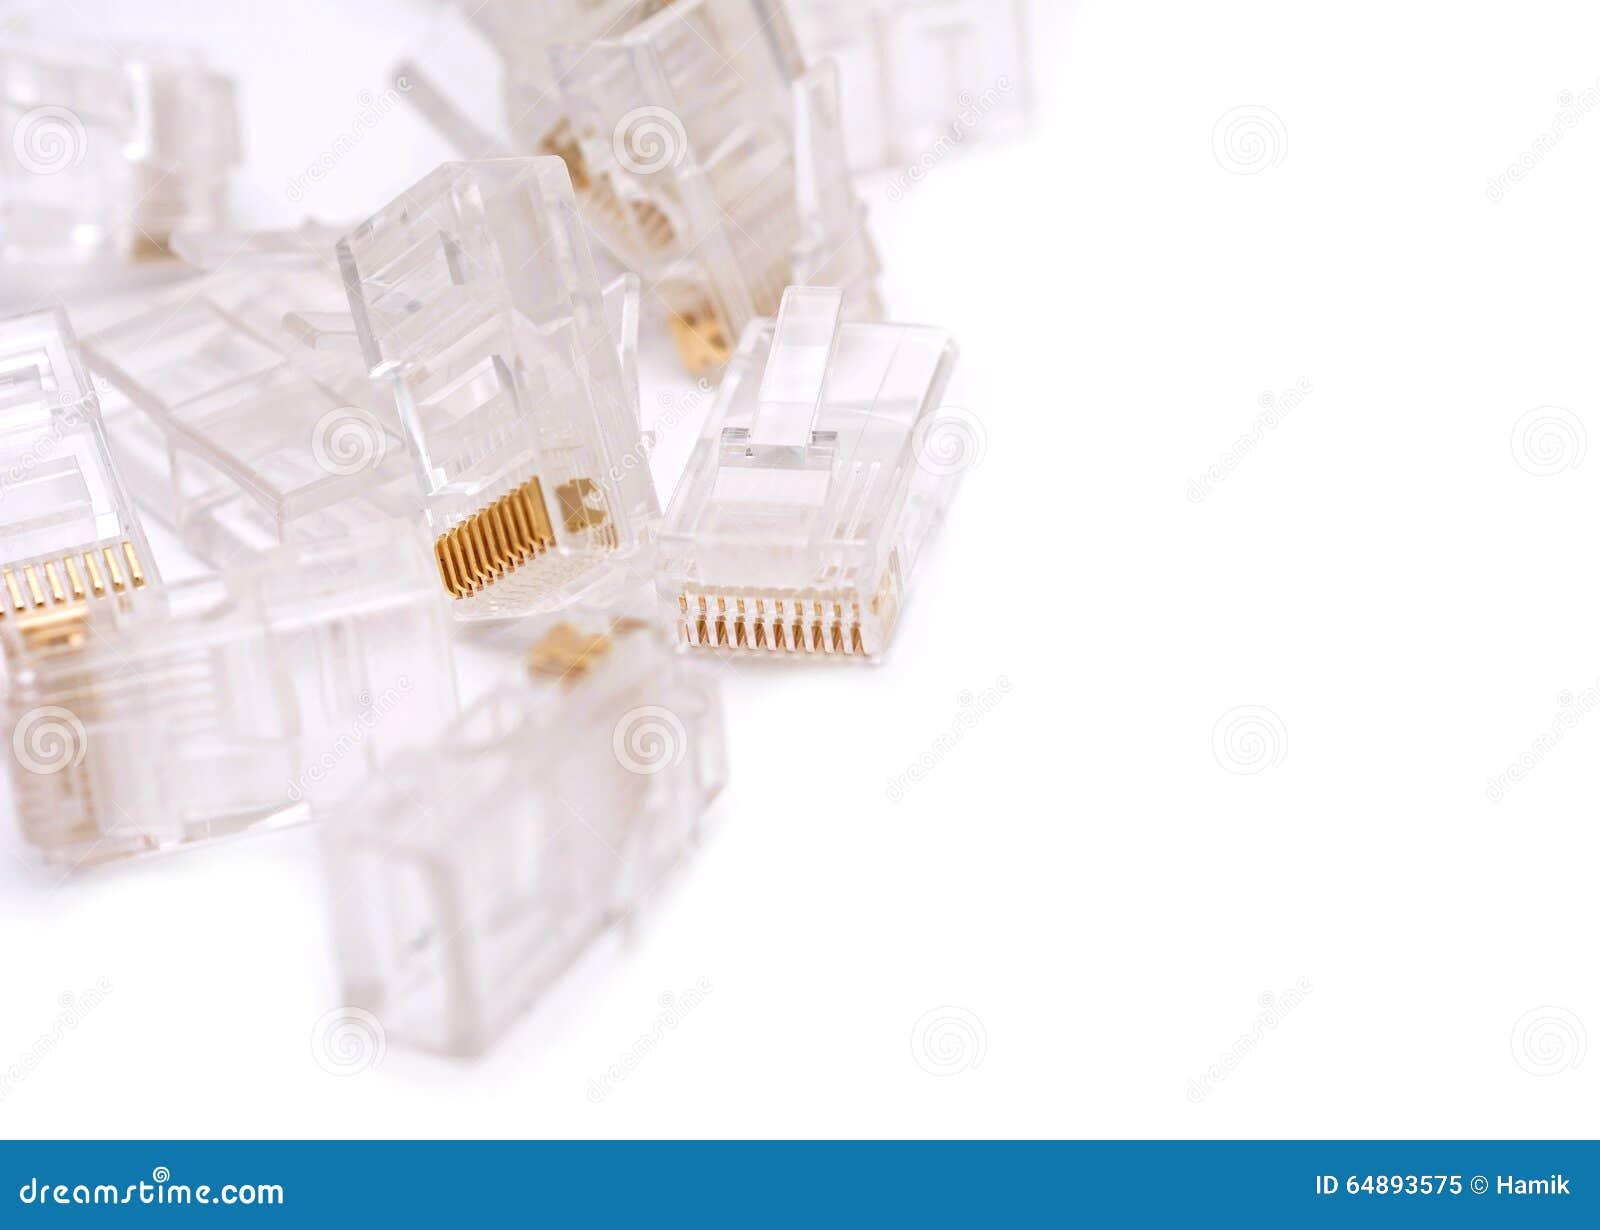 RJ45 installing connectors